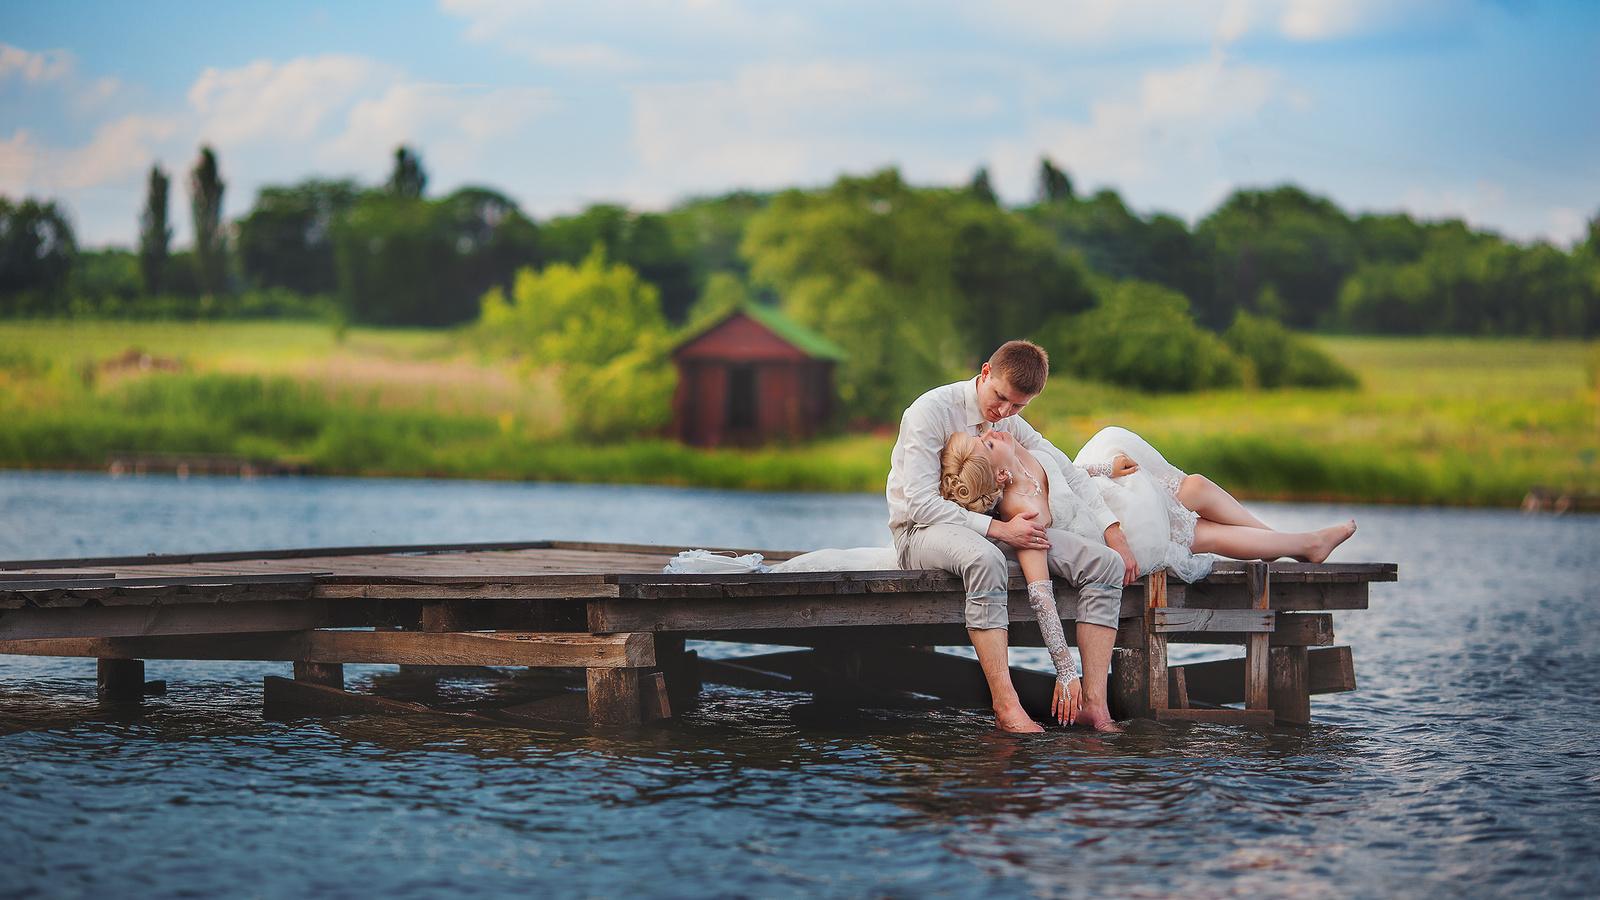 видео парень с девушкой на озере сисек